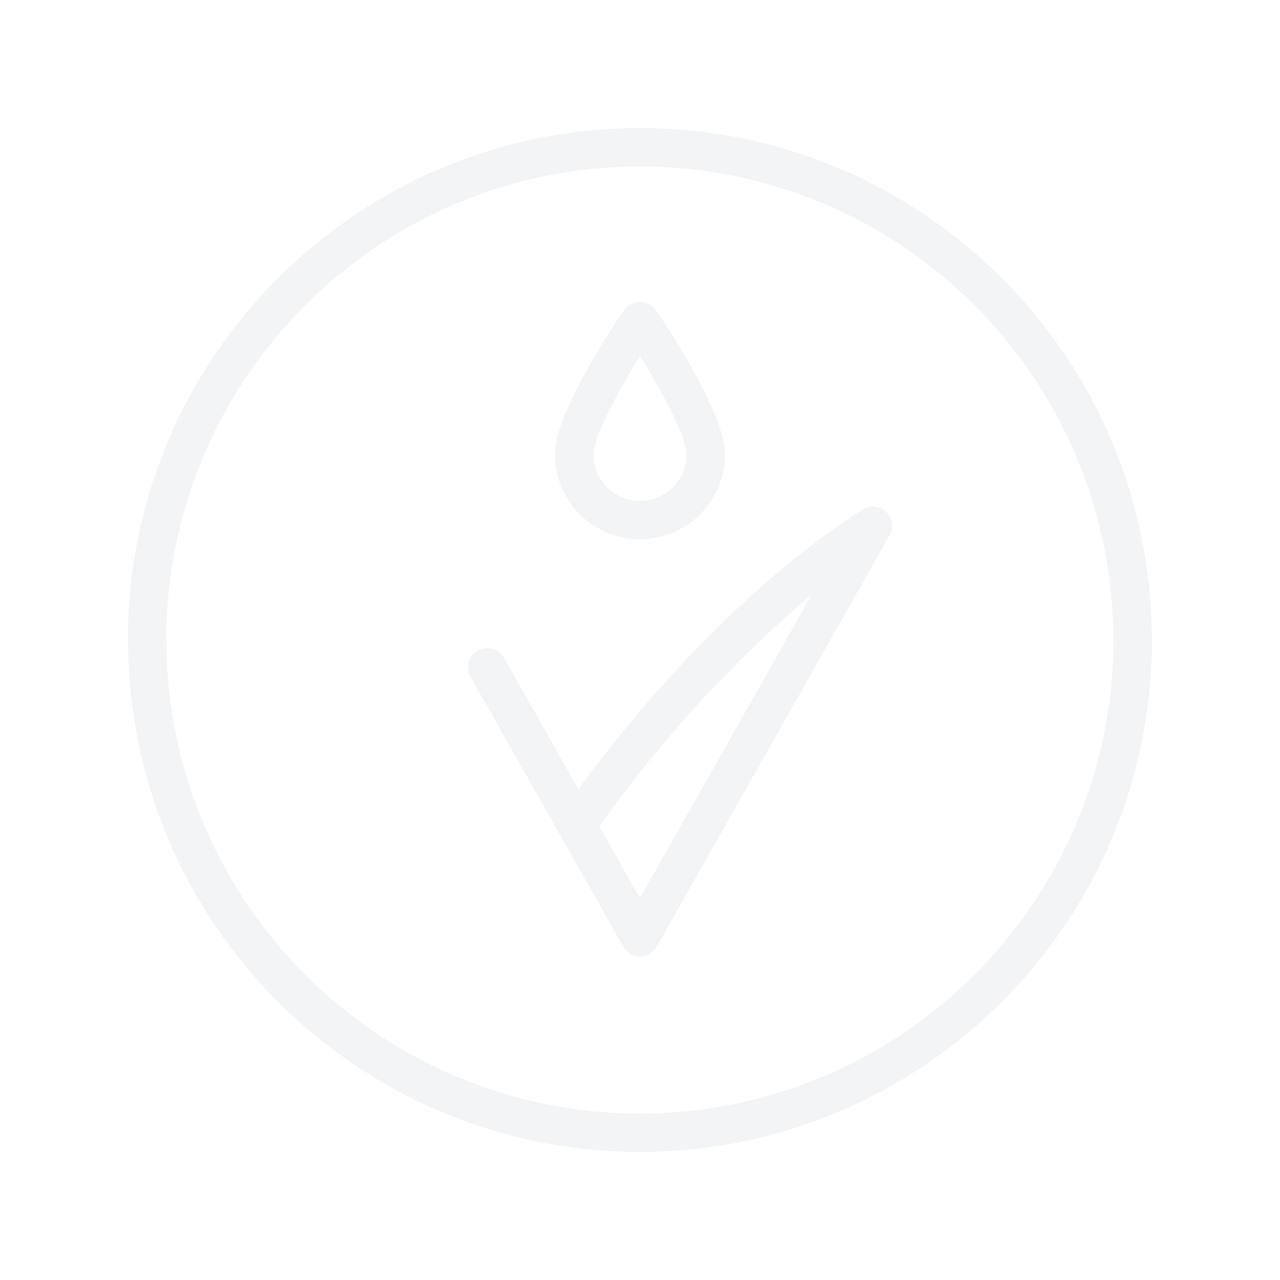 ARTDECO Fixing Powder Caster 10g